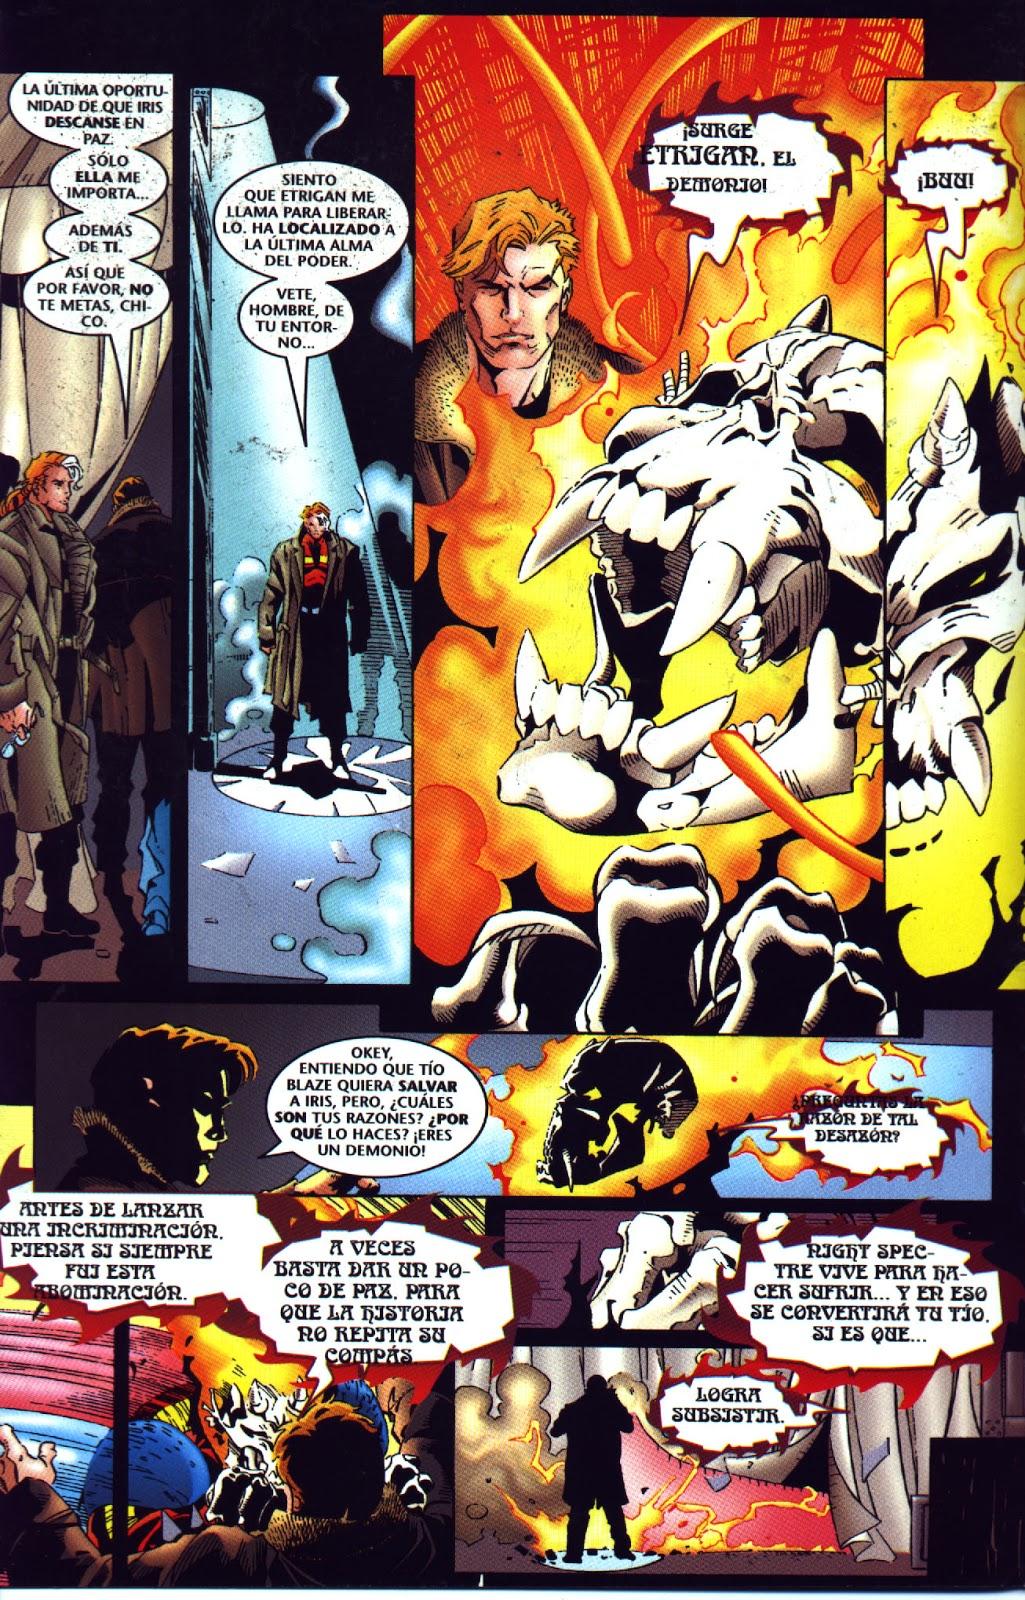 EL OMEGA: el fin de todas las cosas |Page 5, Chan:6354145